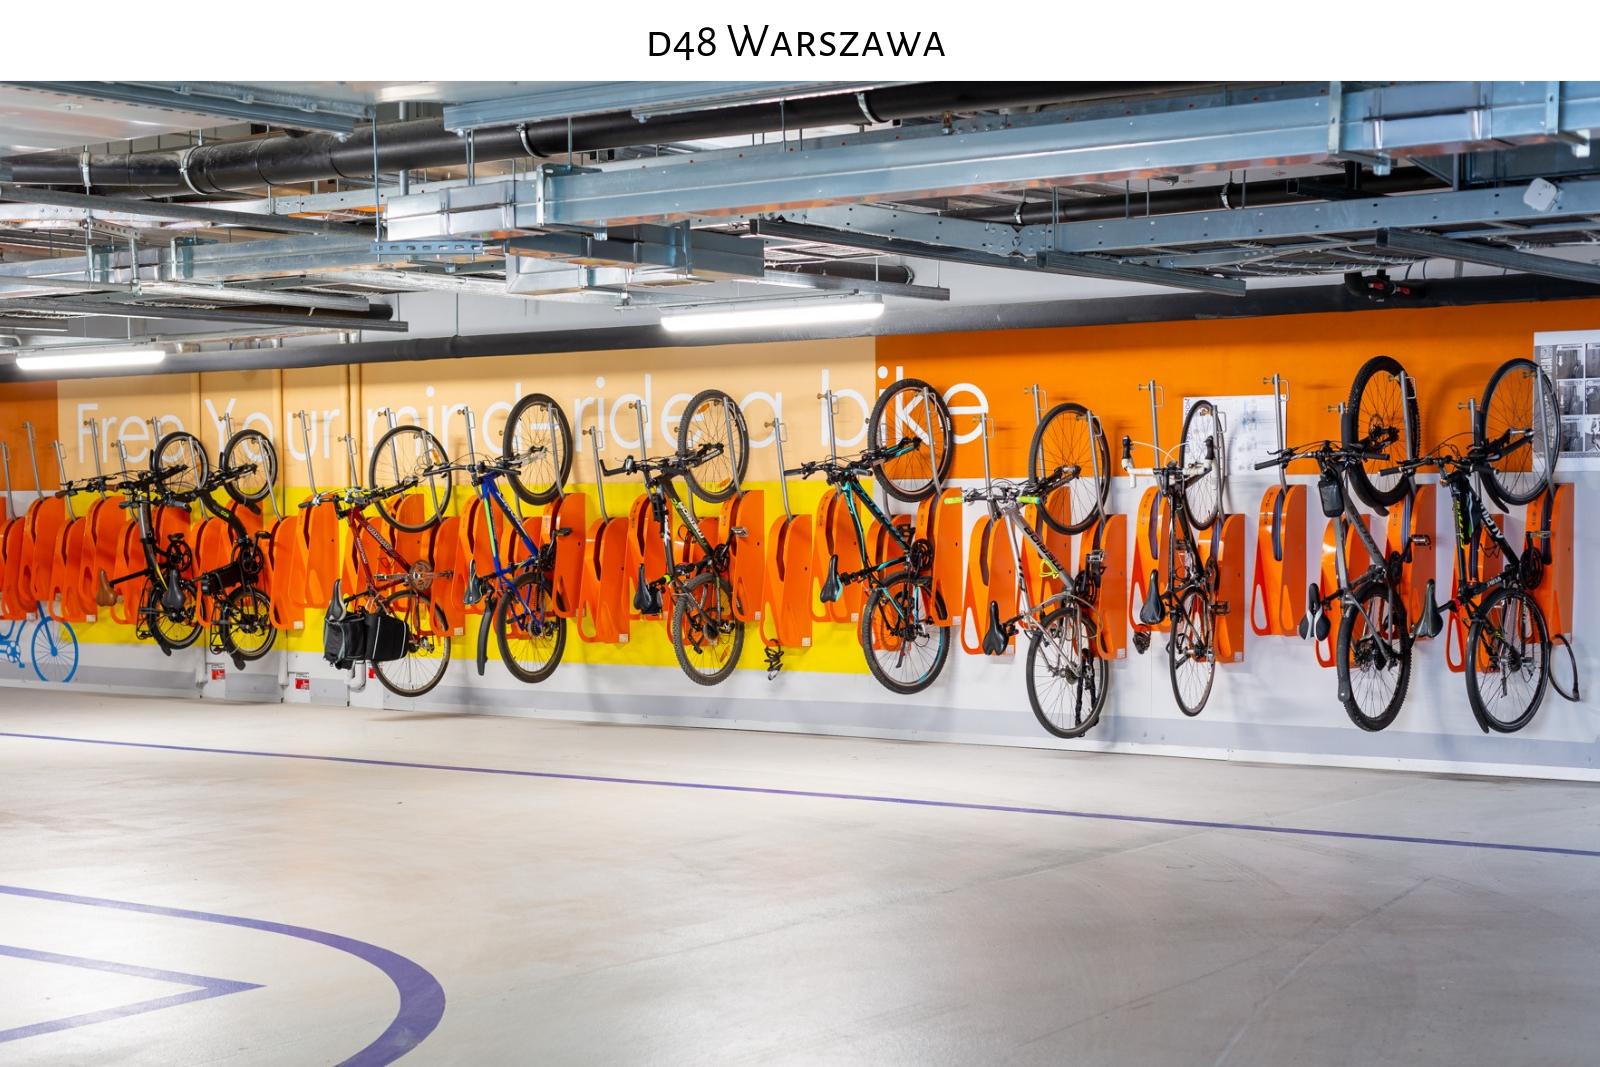 parking rowerowy d48 warszawa